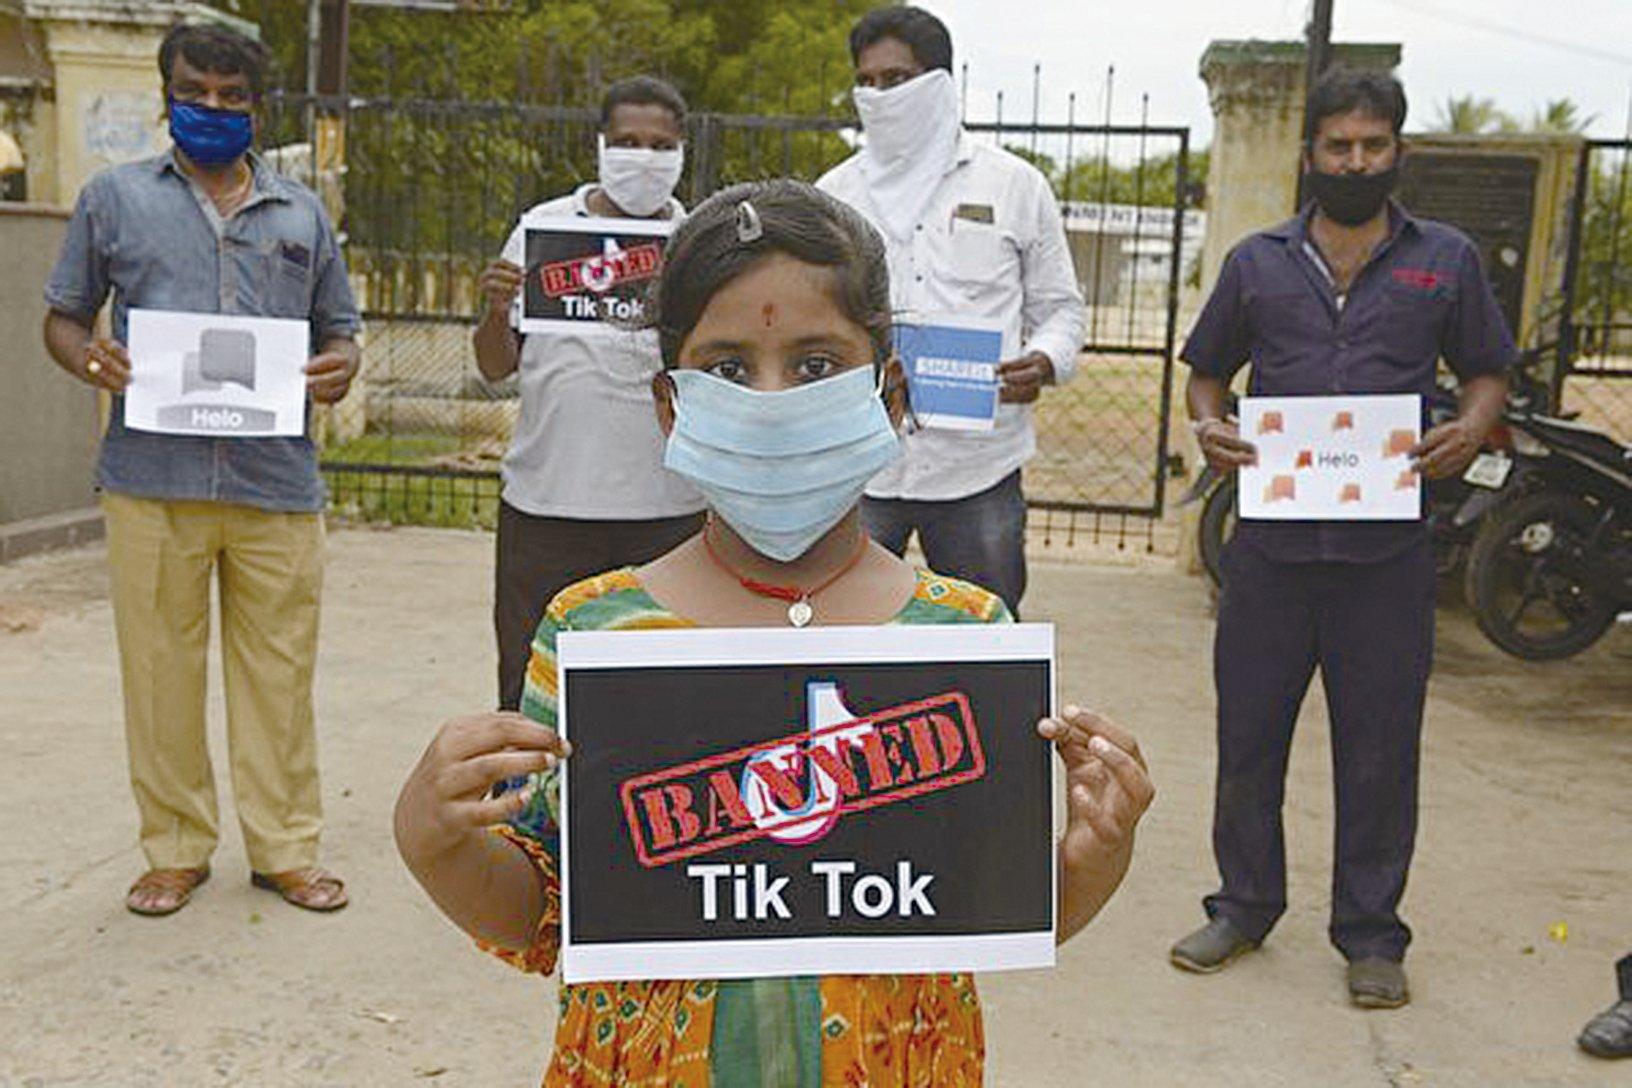 圖為抵制抖音的印度民眾。( NOAH SEELAM/AFP via Getty Images)